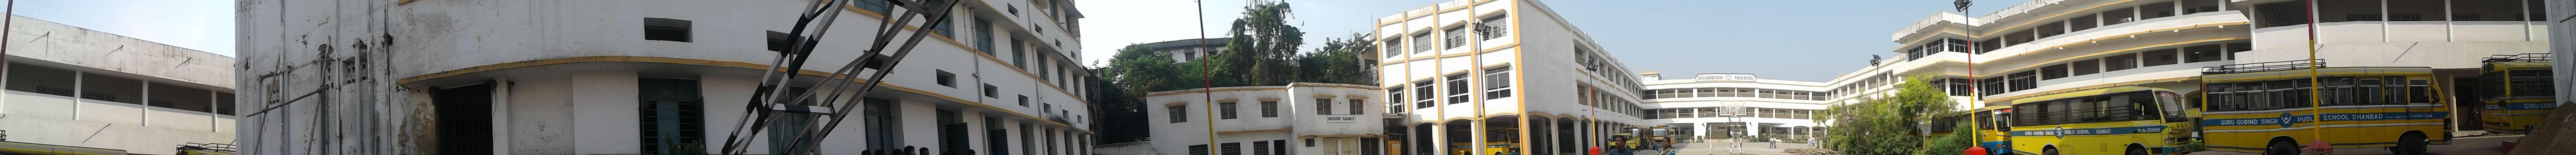 GURU GOBIND SINGH PUBLIC SCHOOL DHANBAD JHARKHAND 3430210